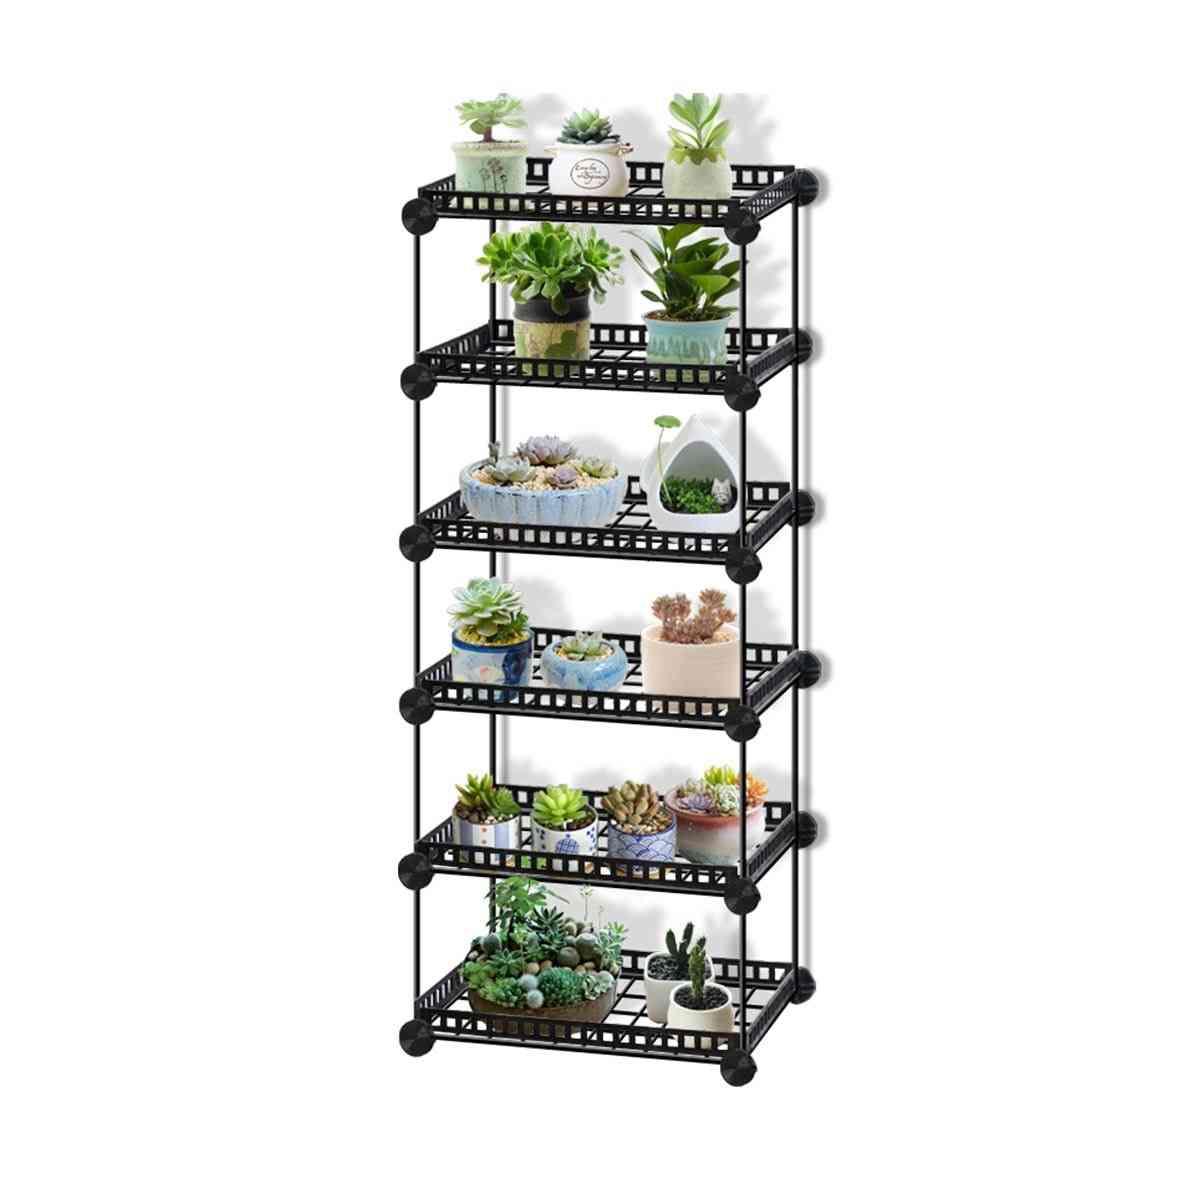 Durable Metal Plant Shelves Flower Pot Holder Garden Rack